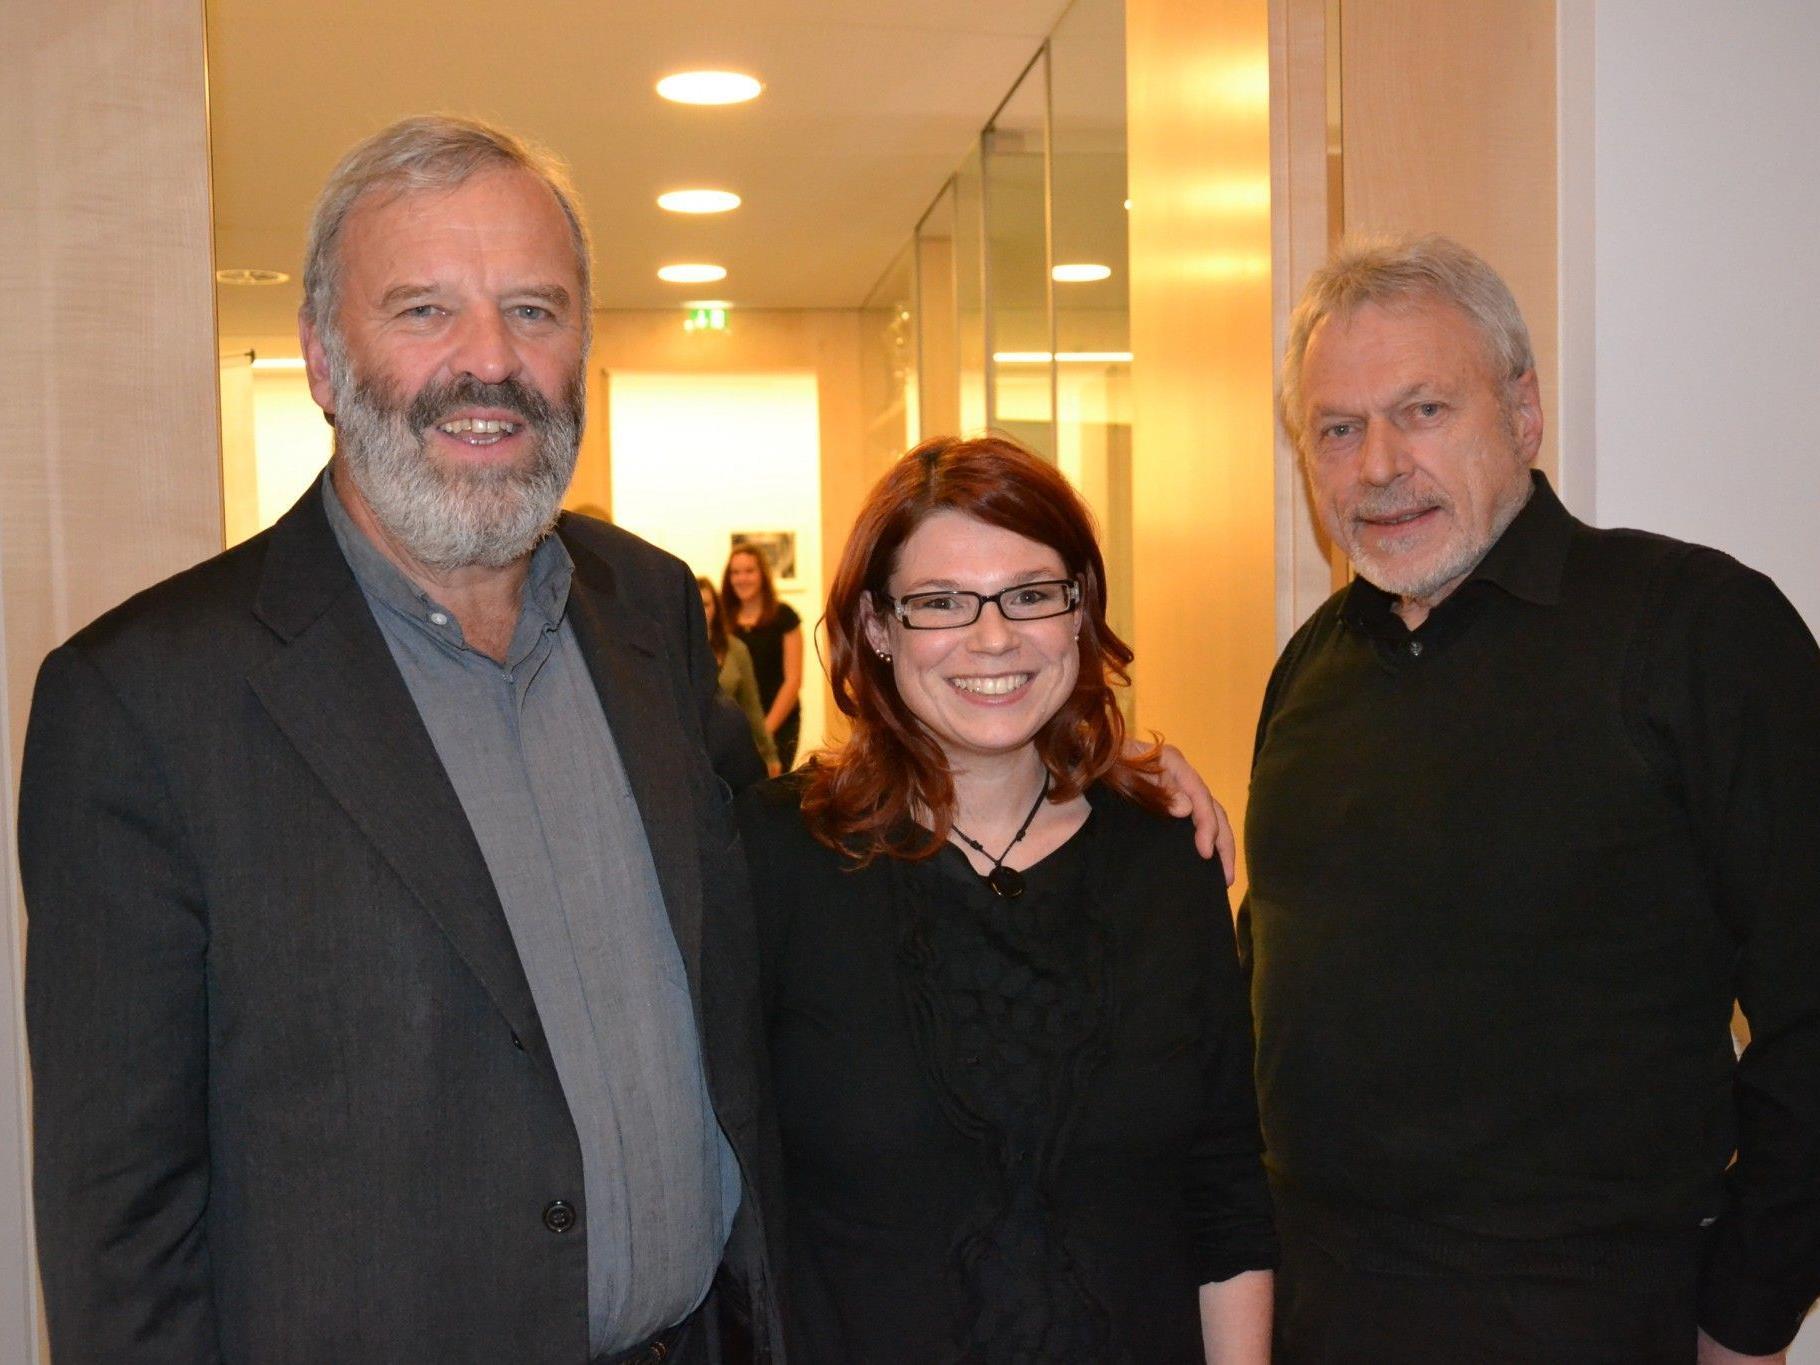 Verleihung des XO Jugendpreises an das BORG Götzis: (v.l.) Pater Georg Sporschill, Claudia Amann & Jose Oberhauser